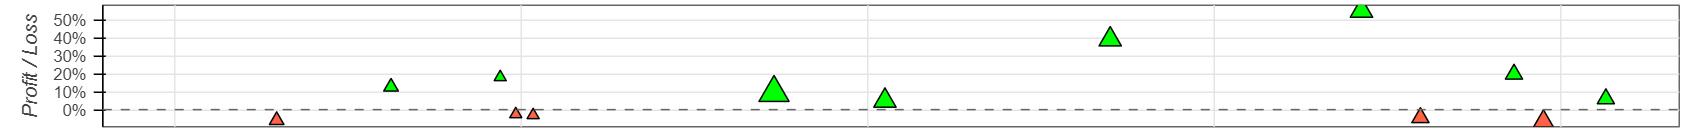 bokeh_plot (5).png